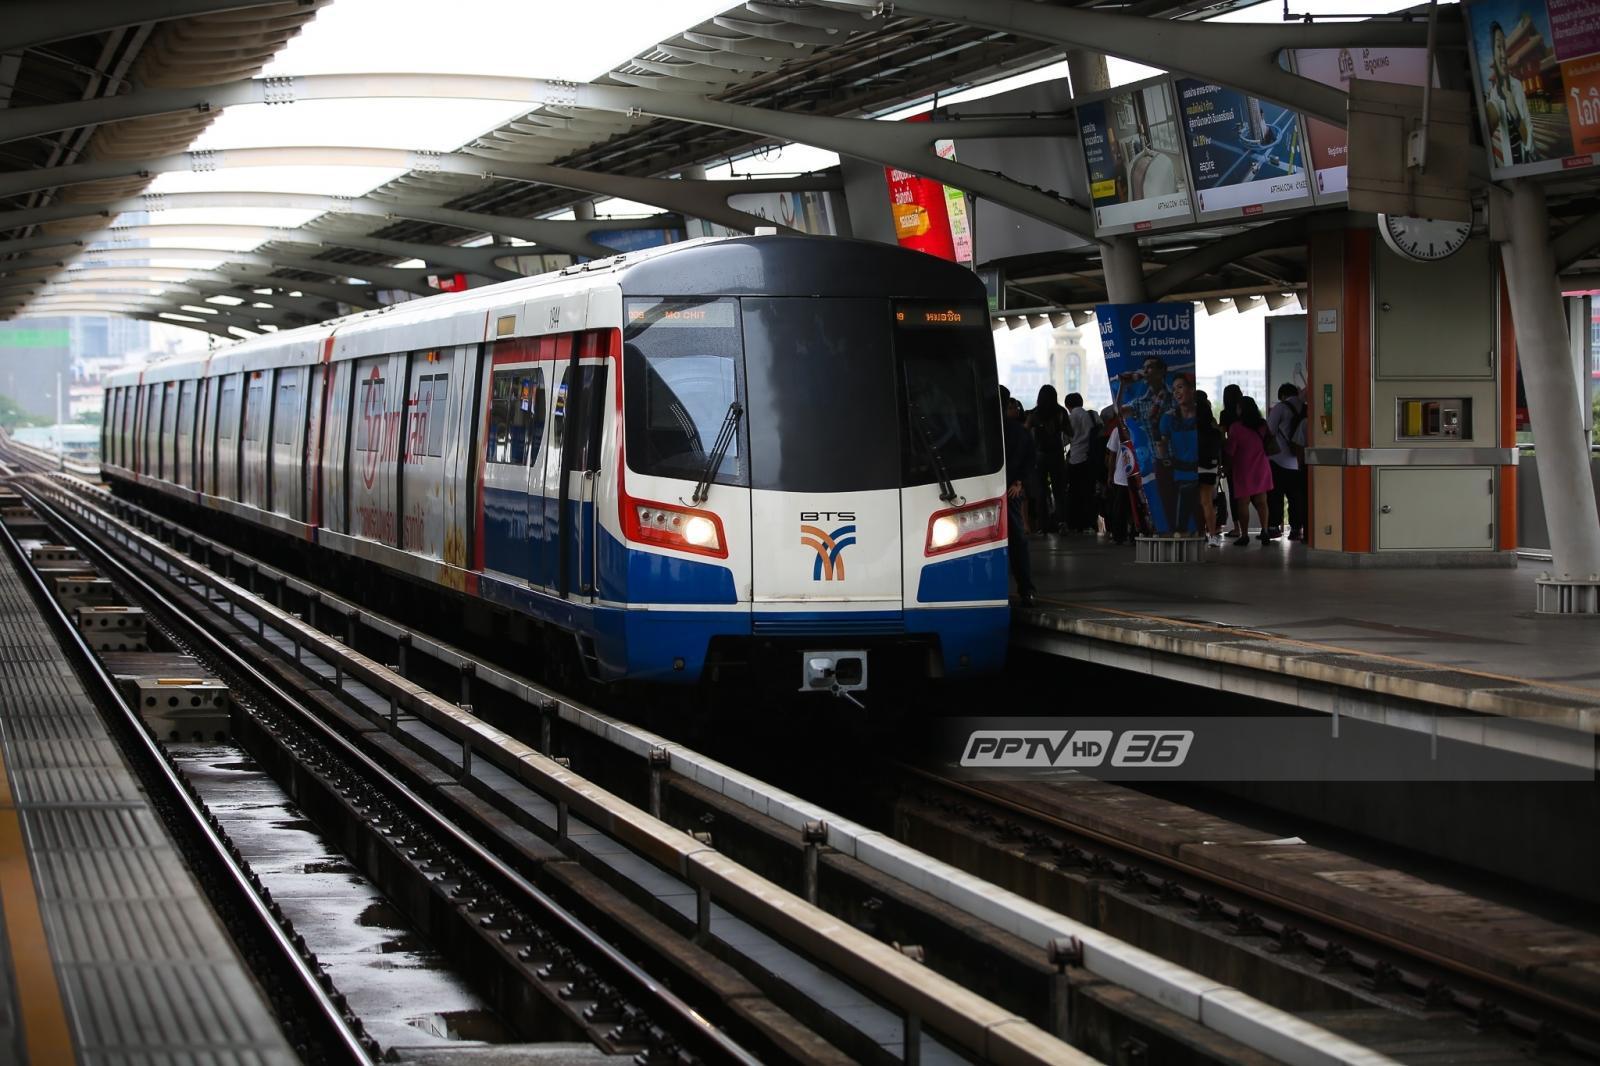 """ผู้โดยสารตกรางรถไฟฟ้า """"บีทีเอส"""" สถานีราชเทวี"""